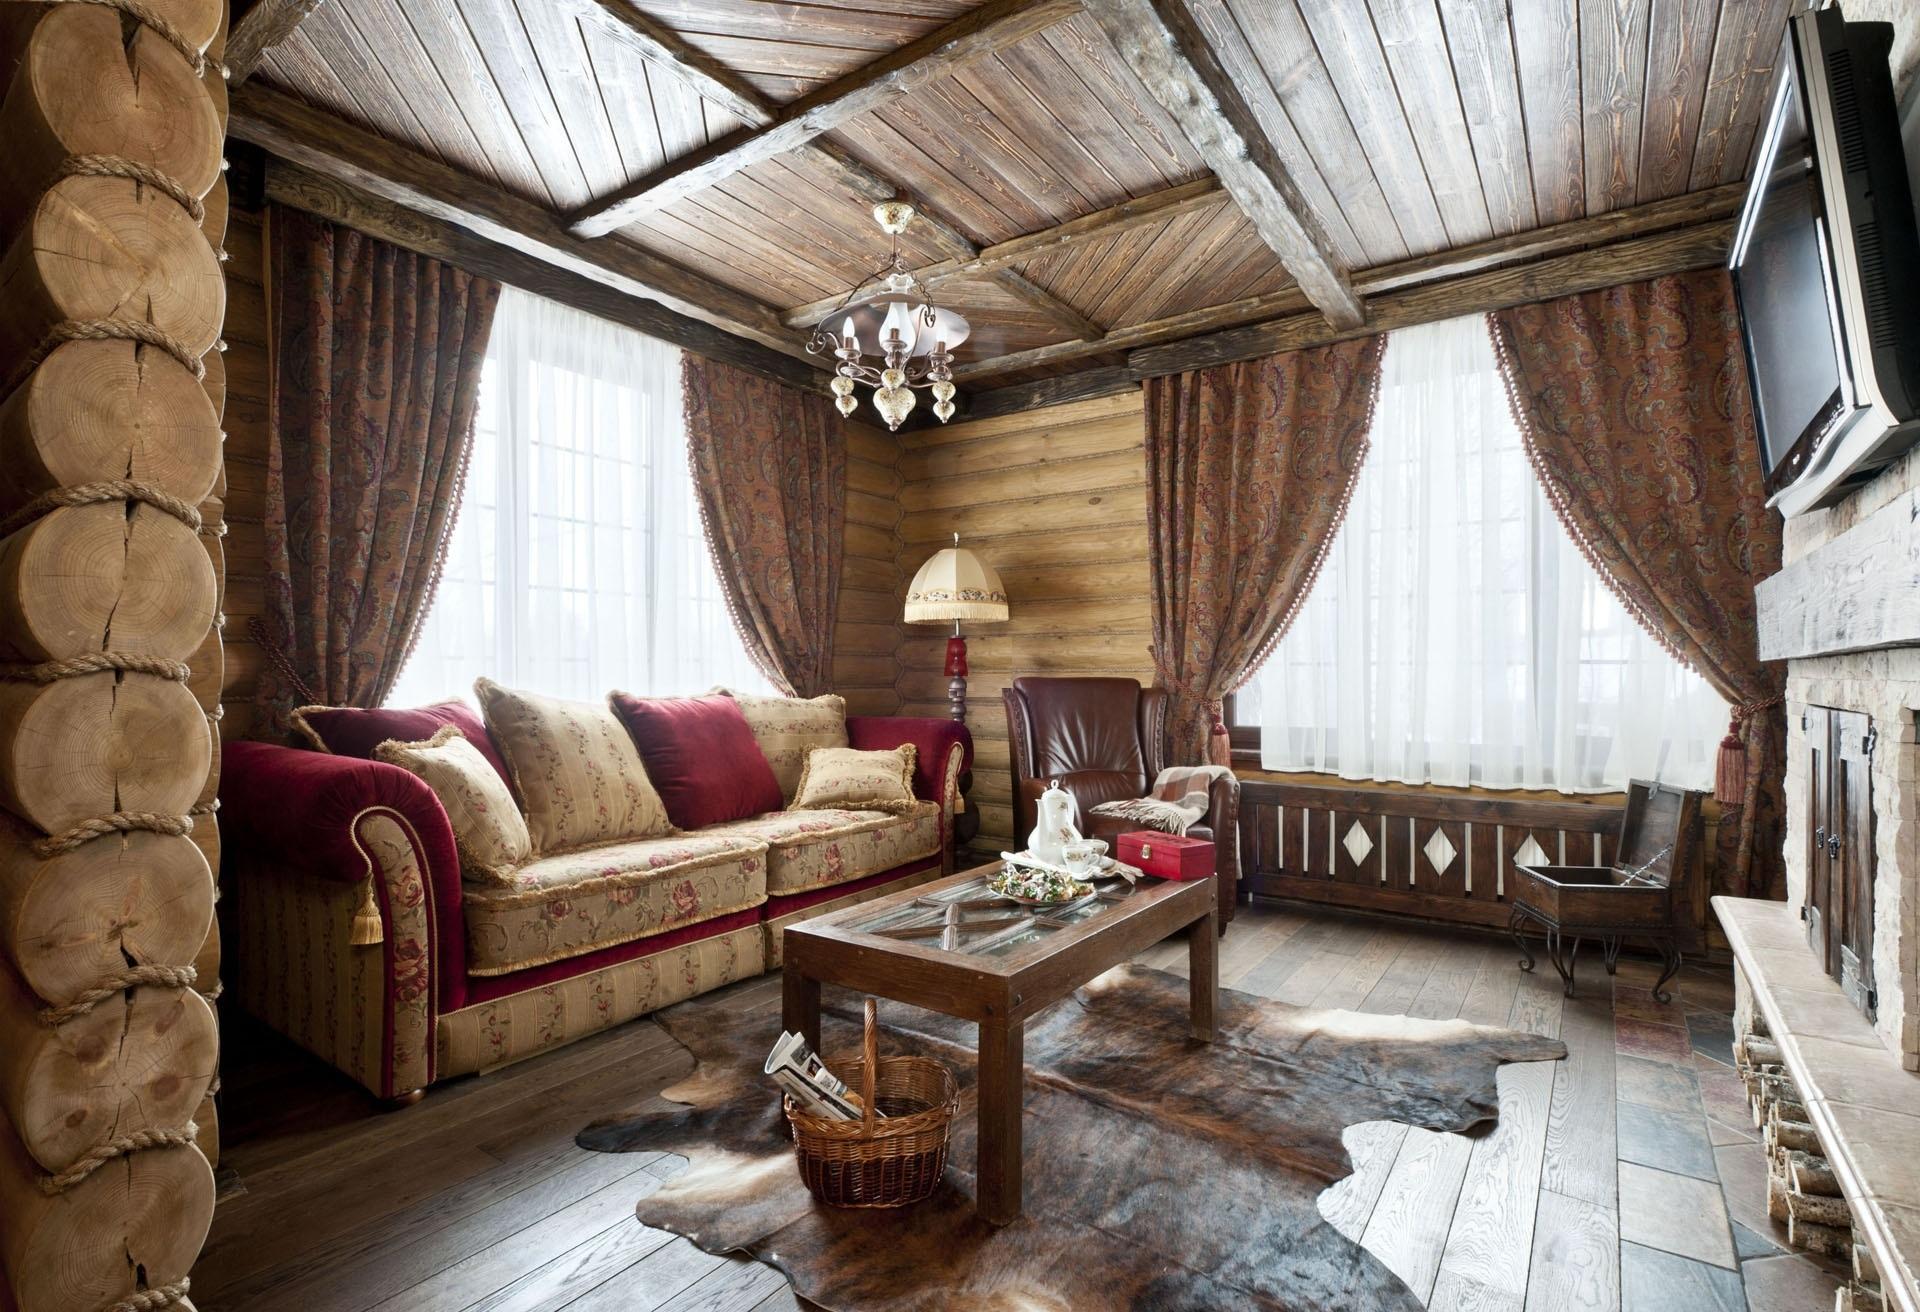 бревенчатый дом в стиле кантри фото здравствуйте люблю делать